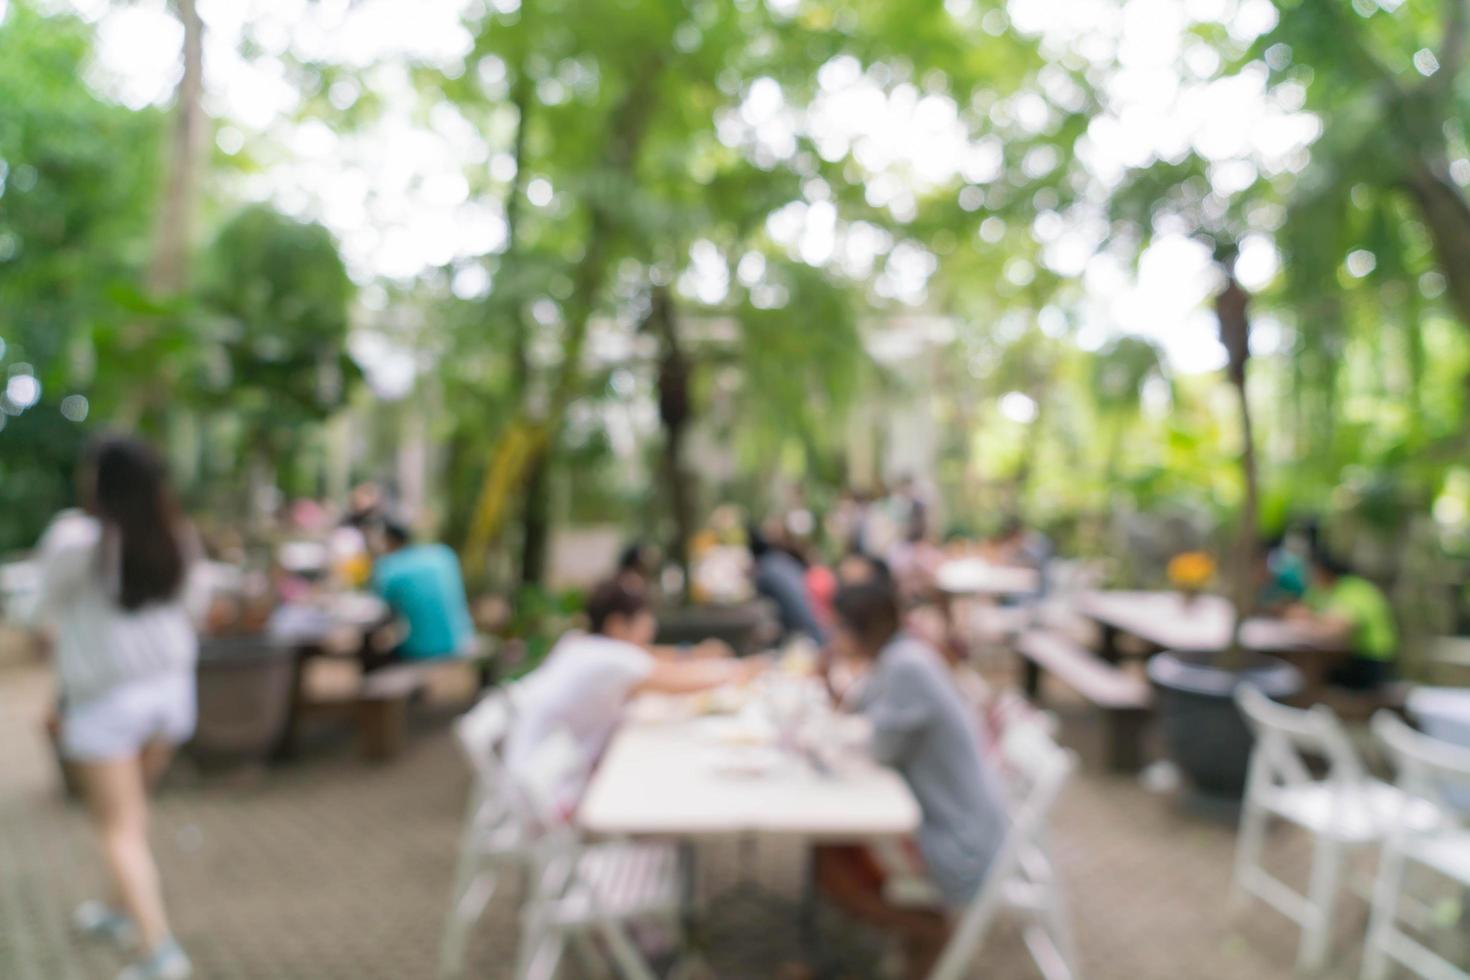 flou abstrait les gens dans le restaurant en plein air pour le fond photo